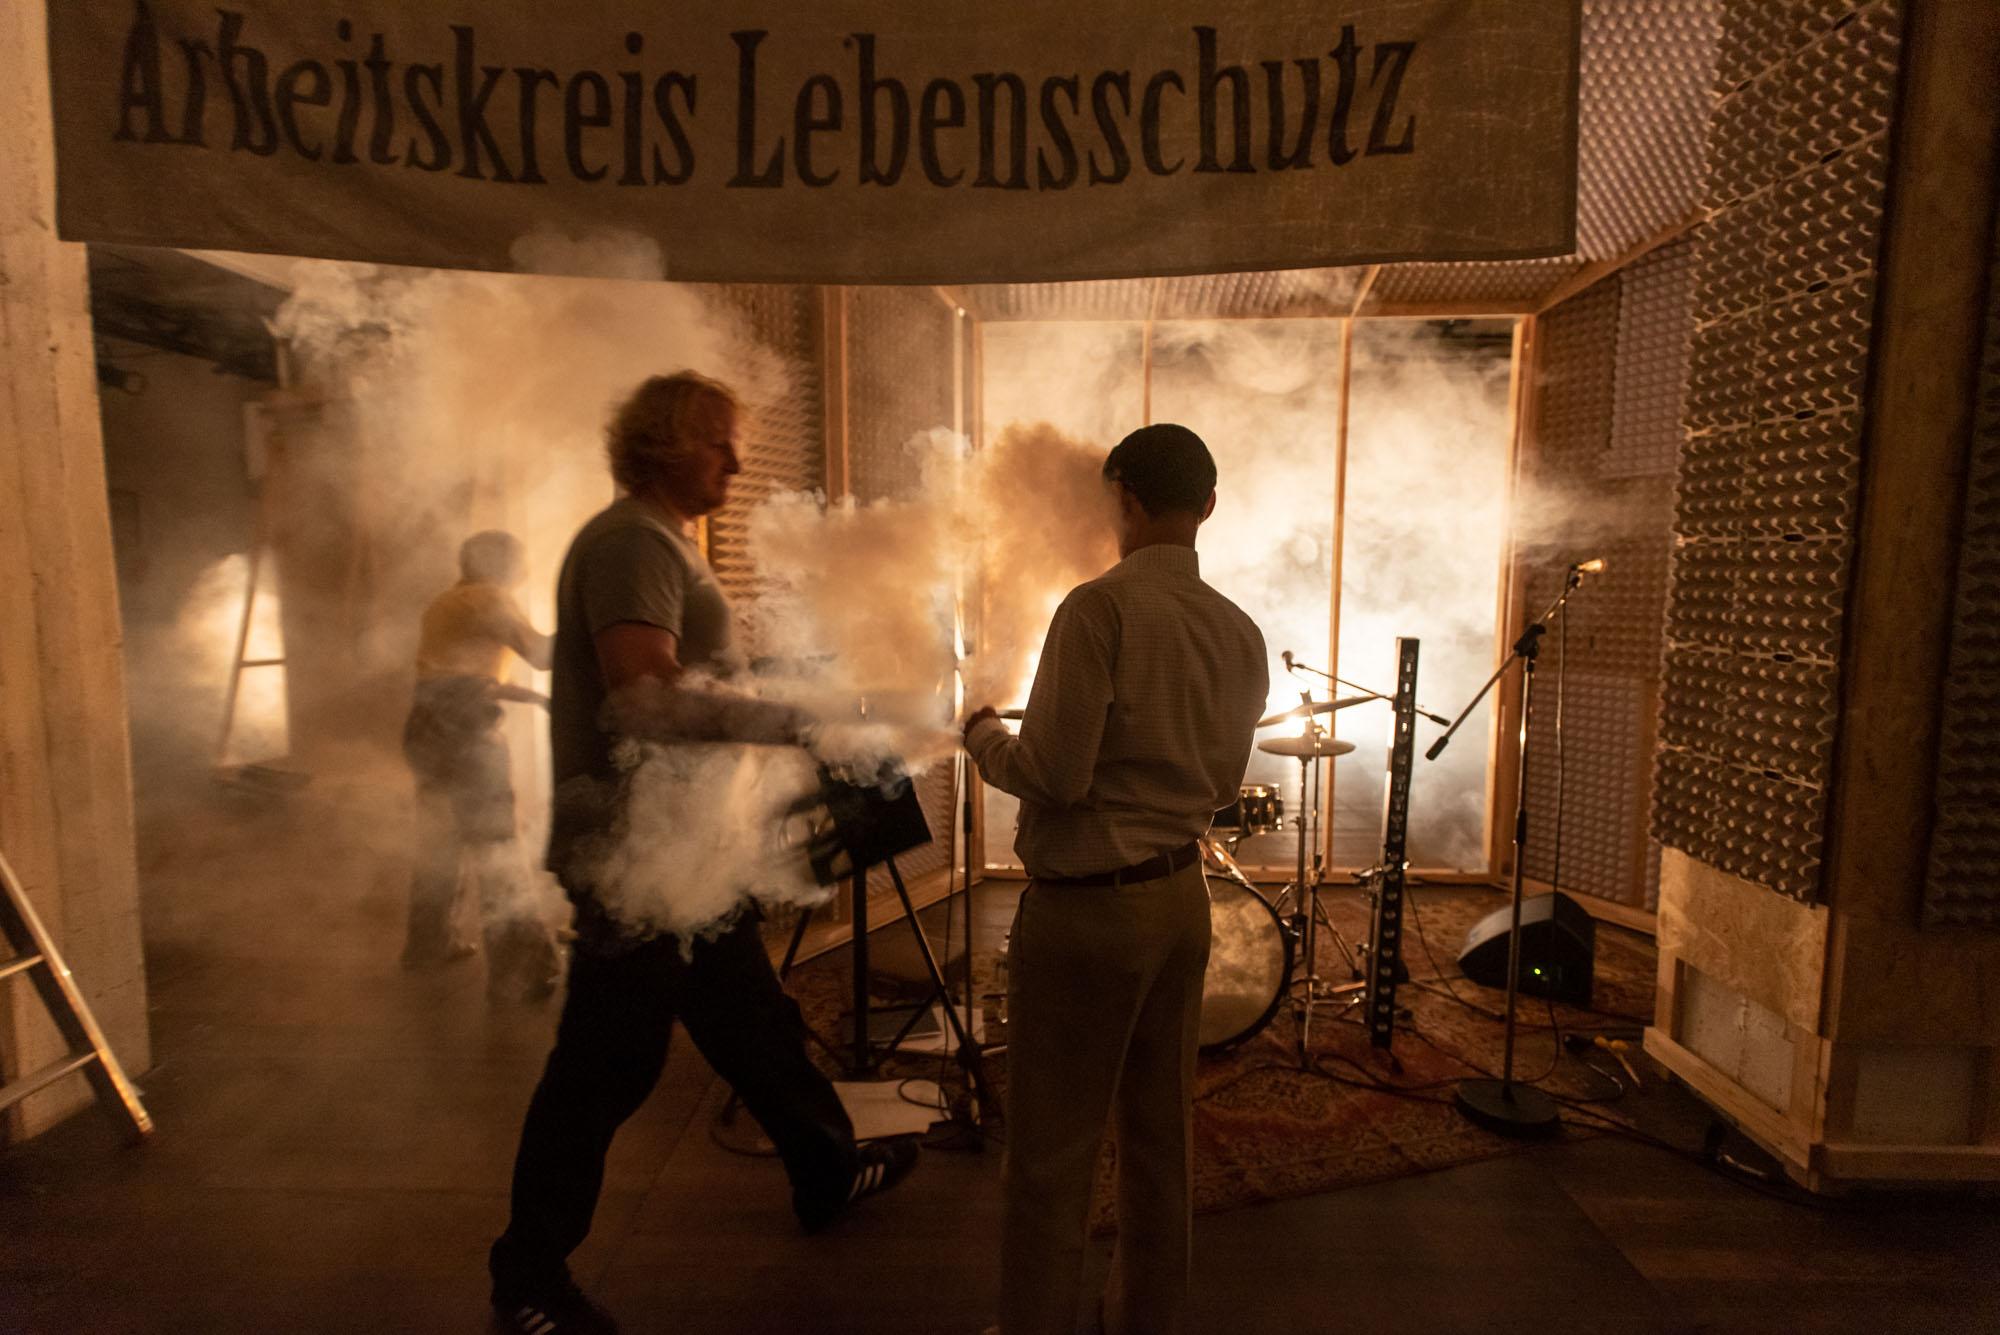 Thalia TheaterFoto:Krafft AngererToenninger Weg 12622609 Hamburgka@krafft-angerer.deMobil: +49-172-8088180Hypovereinsbank MuenchenKoNr 718 32 32 BLZ 700 202 70UstidNr. 26/335/71654Honorar inkl. 7% MwstKontakt:Thalia Theater   Presse- und ÖffentlichkeitsarbeitMaren Dey   Alstertor   20095 HamburgTel 040. 32 81 41 11   Fax 040. 32 81 42 04presse@thalia-theater.de   www.thalia-theater.de